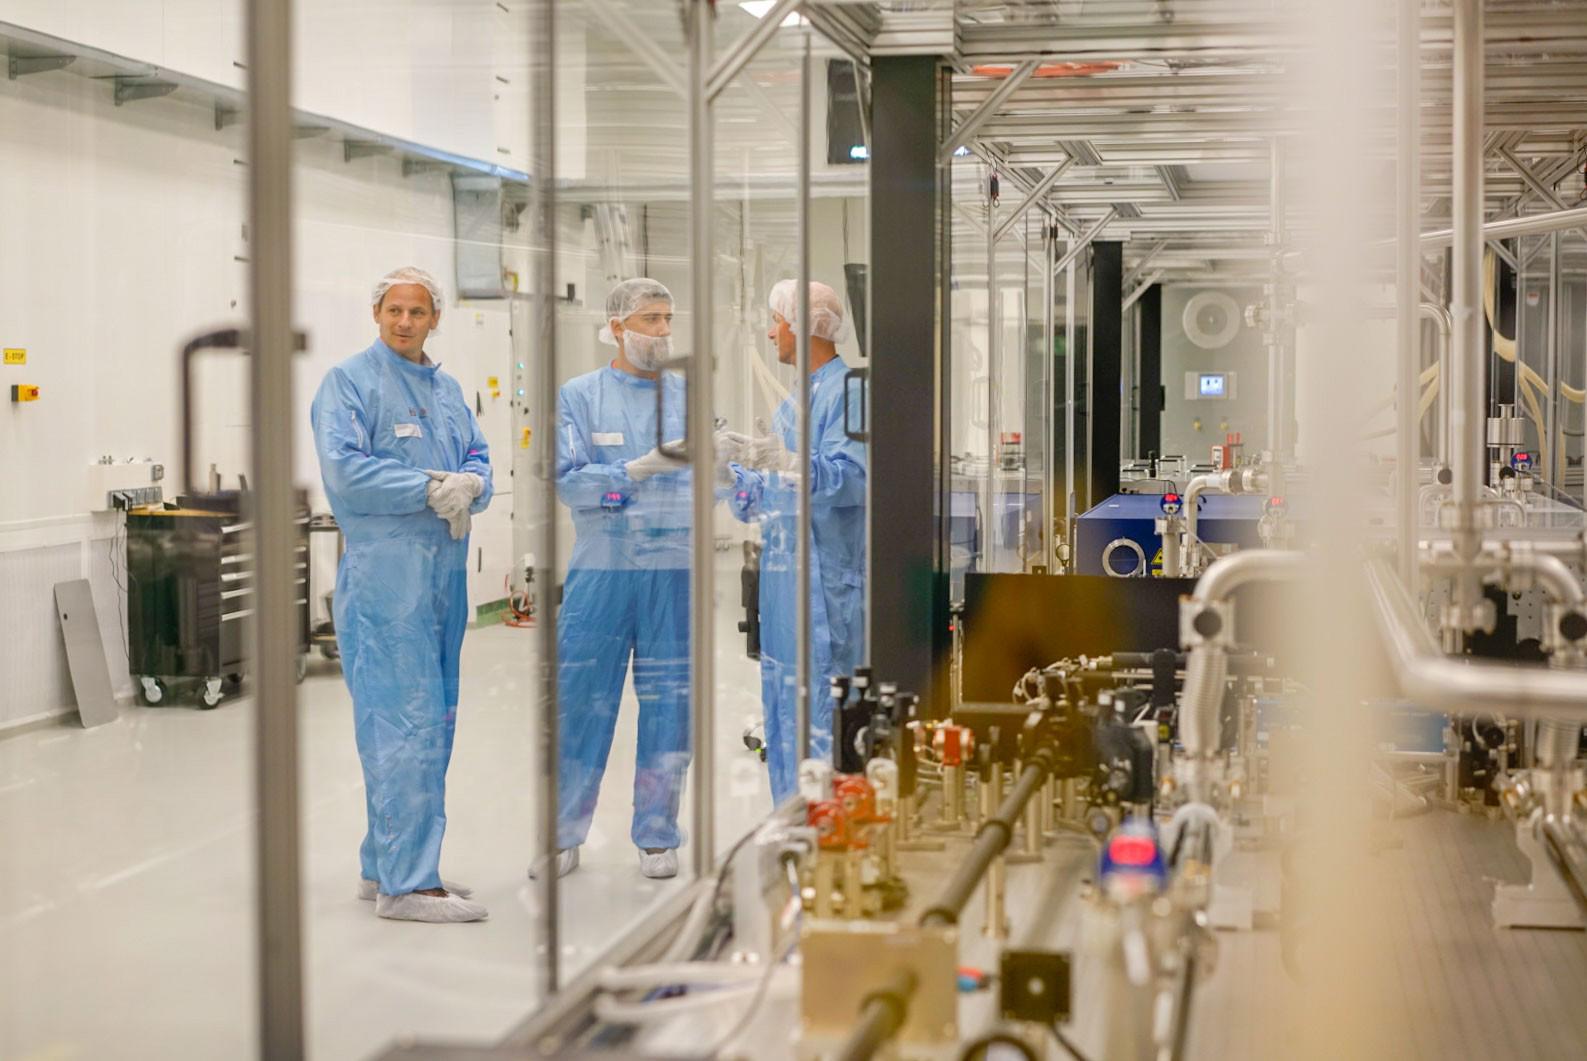 Unikátní zařízení s označením L3 bude od pondělí fungovat v laserovém centru Eli Beamlines.